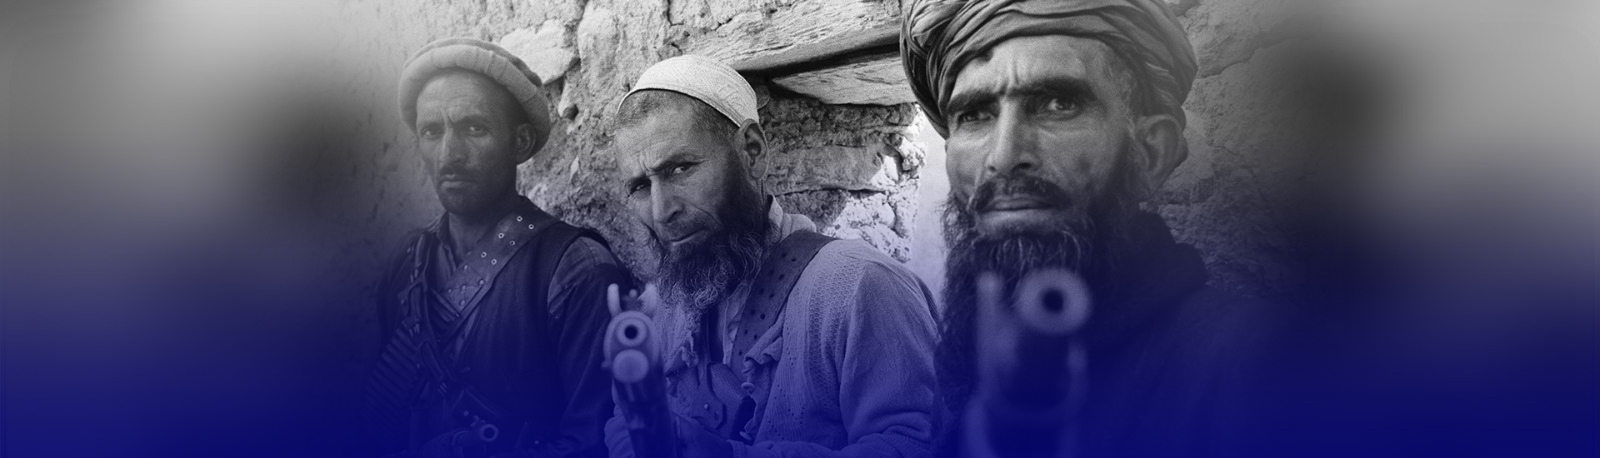 التغييرات الحاصلة في أفغانستان وانعكاساتها على منطقة الشرق الأوسط: الغموض والقلق